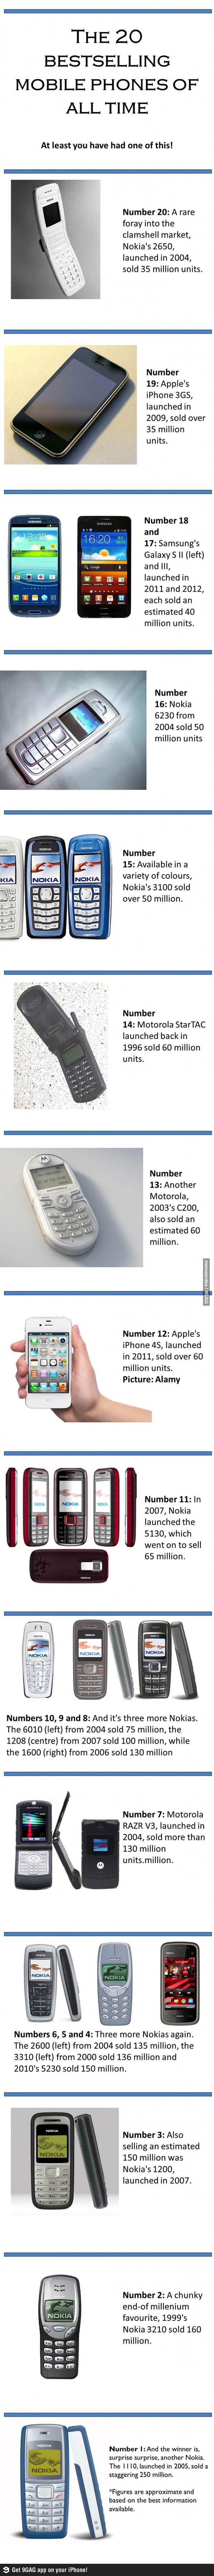 los telefonos mas vendidos de toda la historia